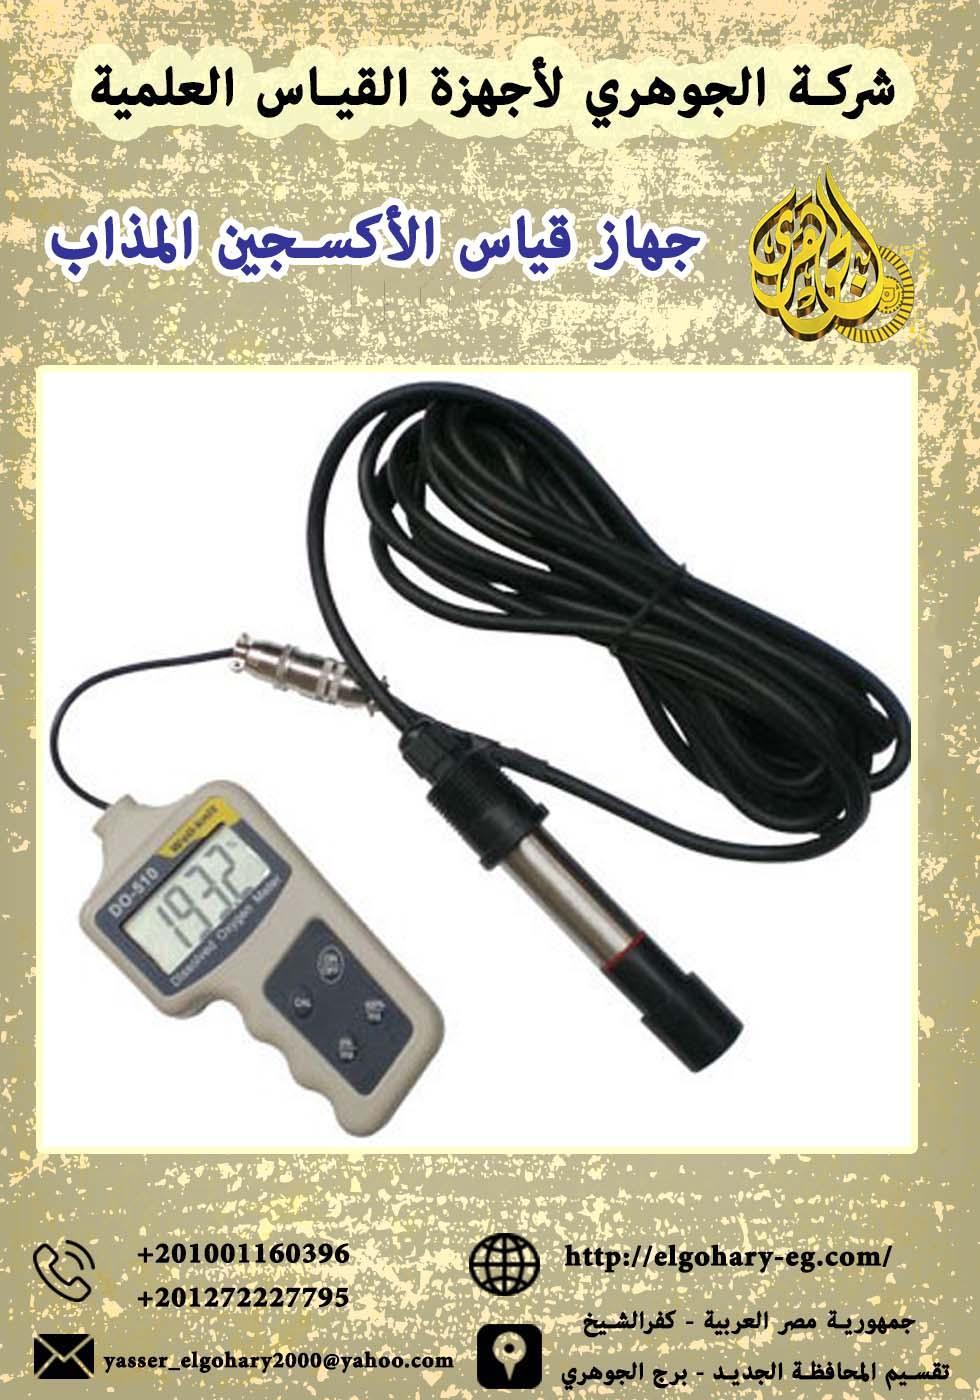 جهاز قياس الأكسجين المذاب 557958671.jpg